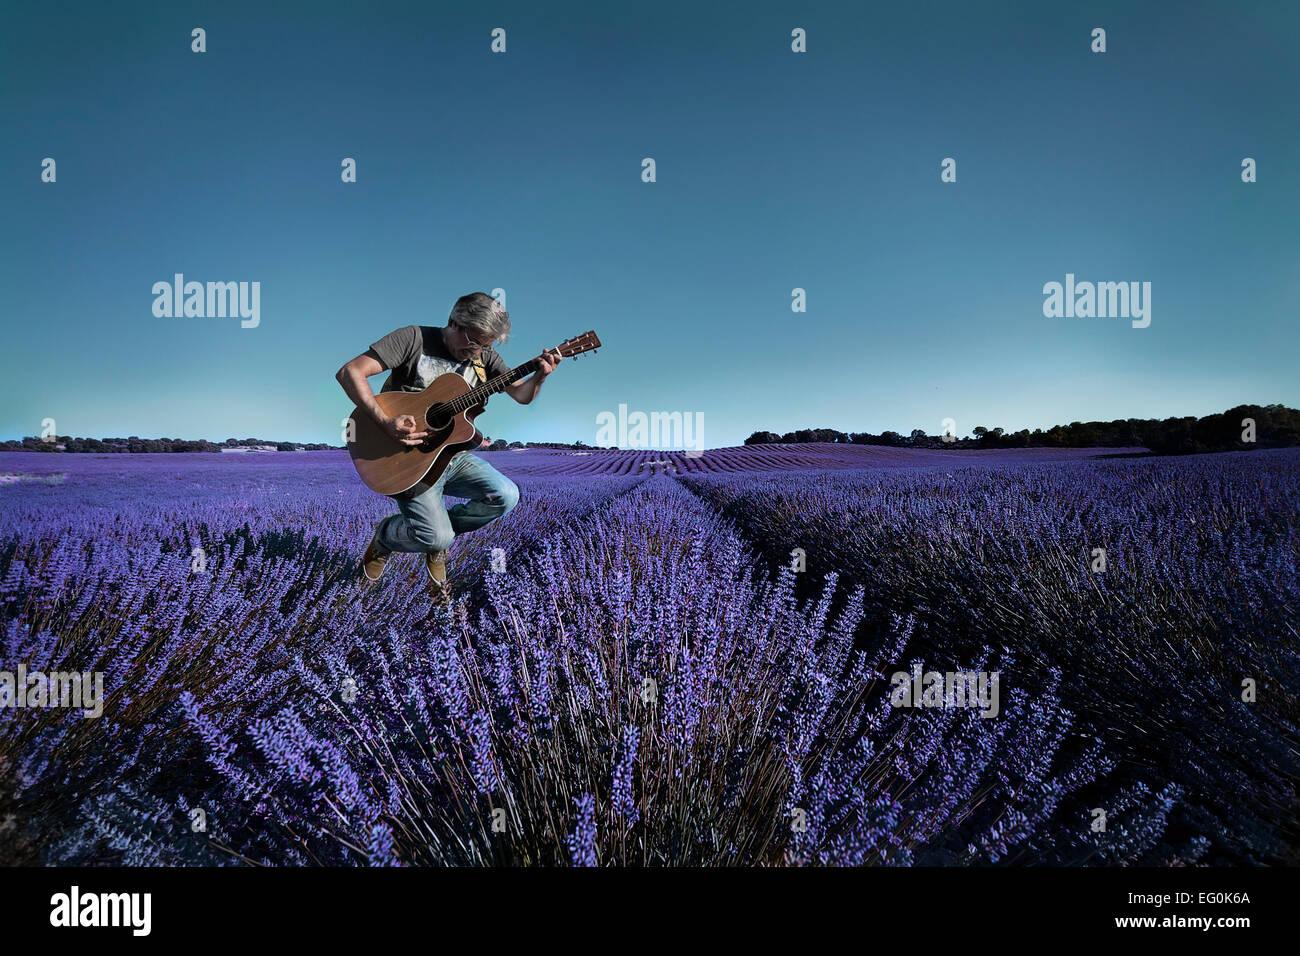 Man Gitarre spielen im Lavendelfeld Stockbild